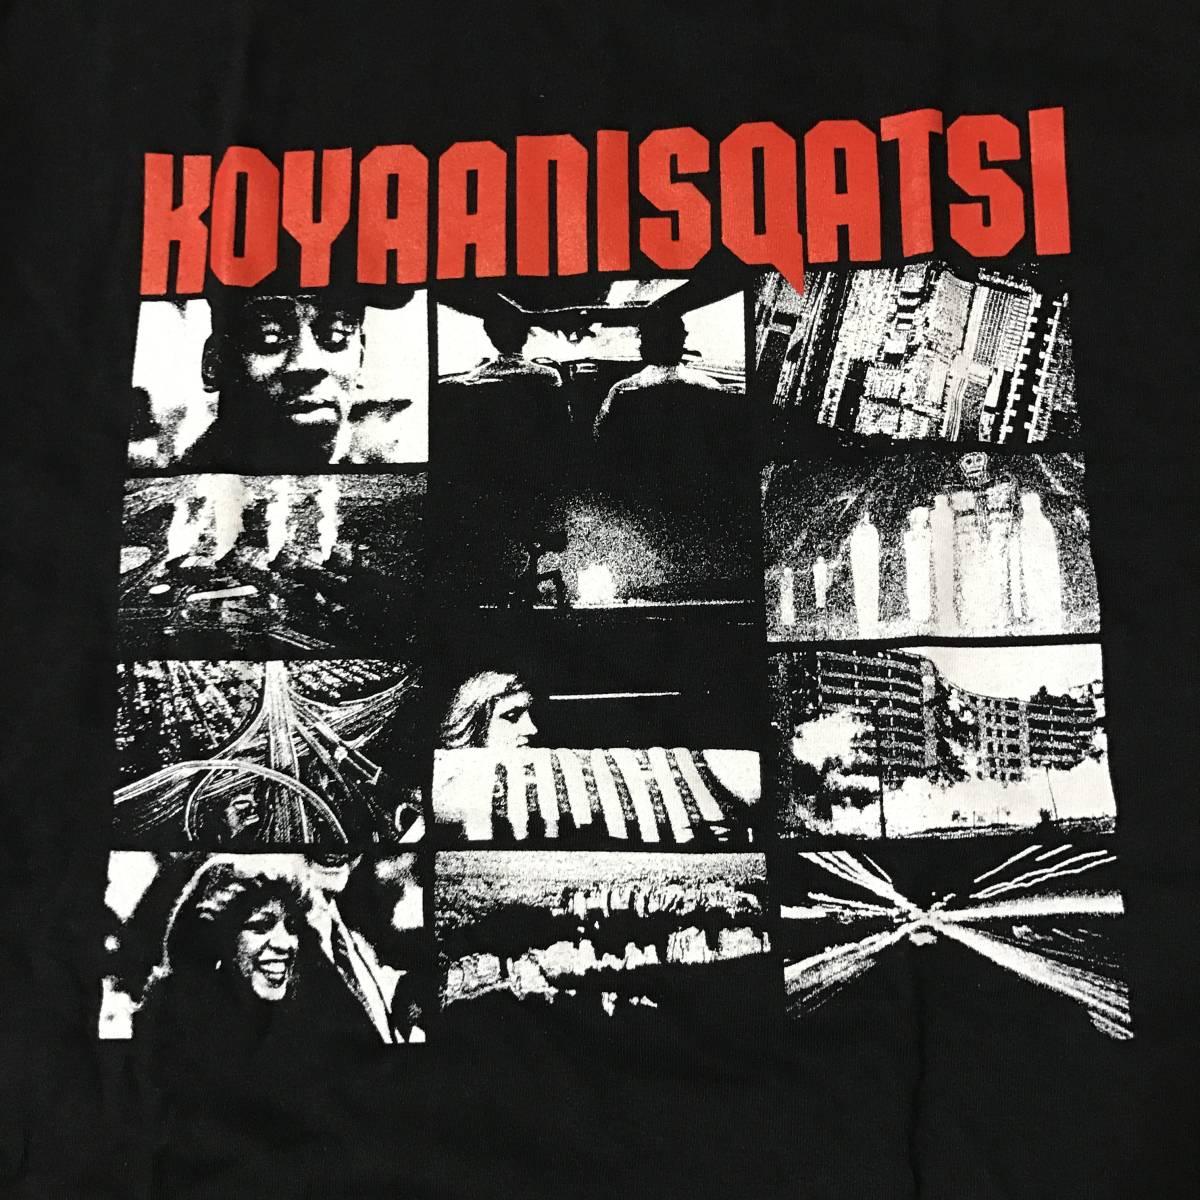 ratbrain KOYAANISQATSI Tシャツ L/コヤニスカッティ brain dead ブレインデッド pleasures フランシスフォードコッポラ フィリップグラス